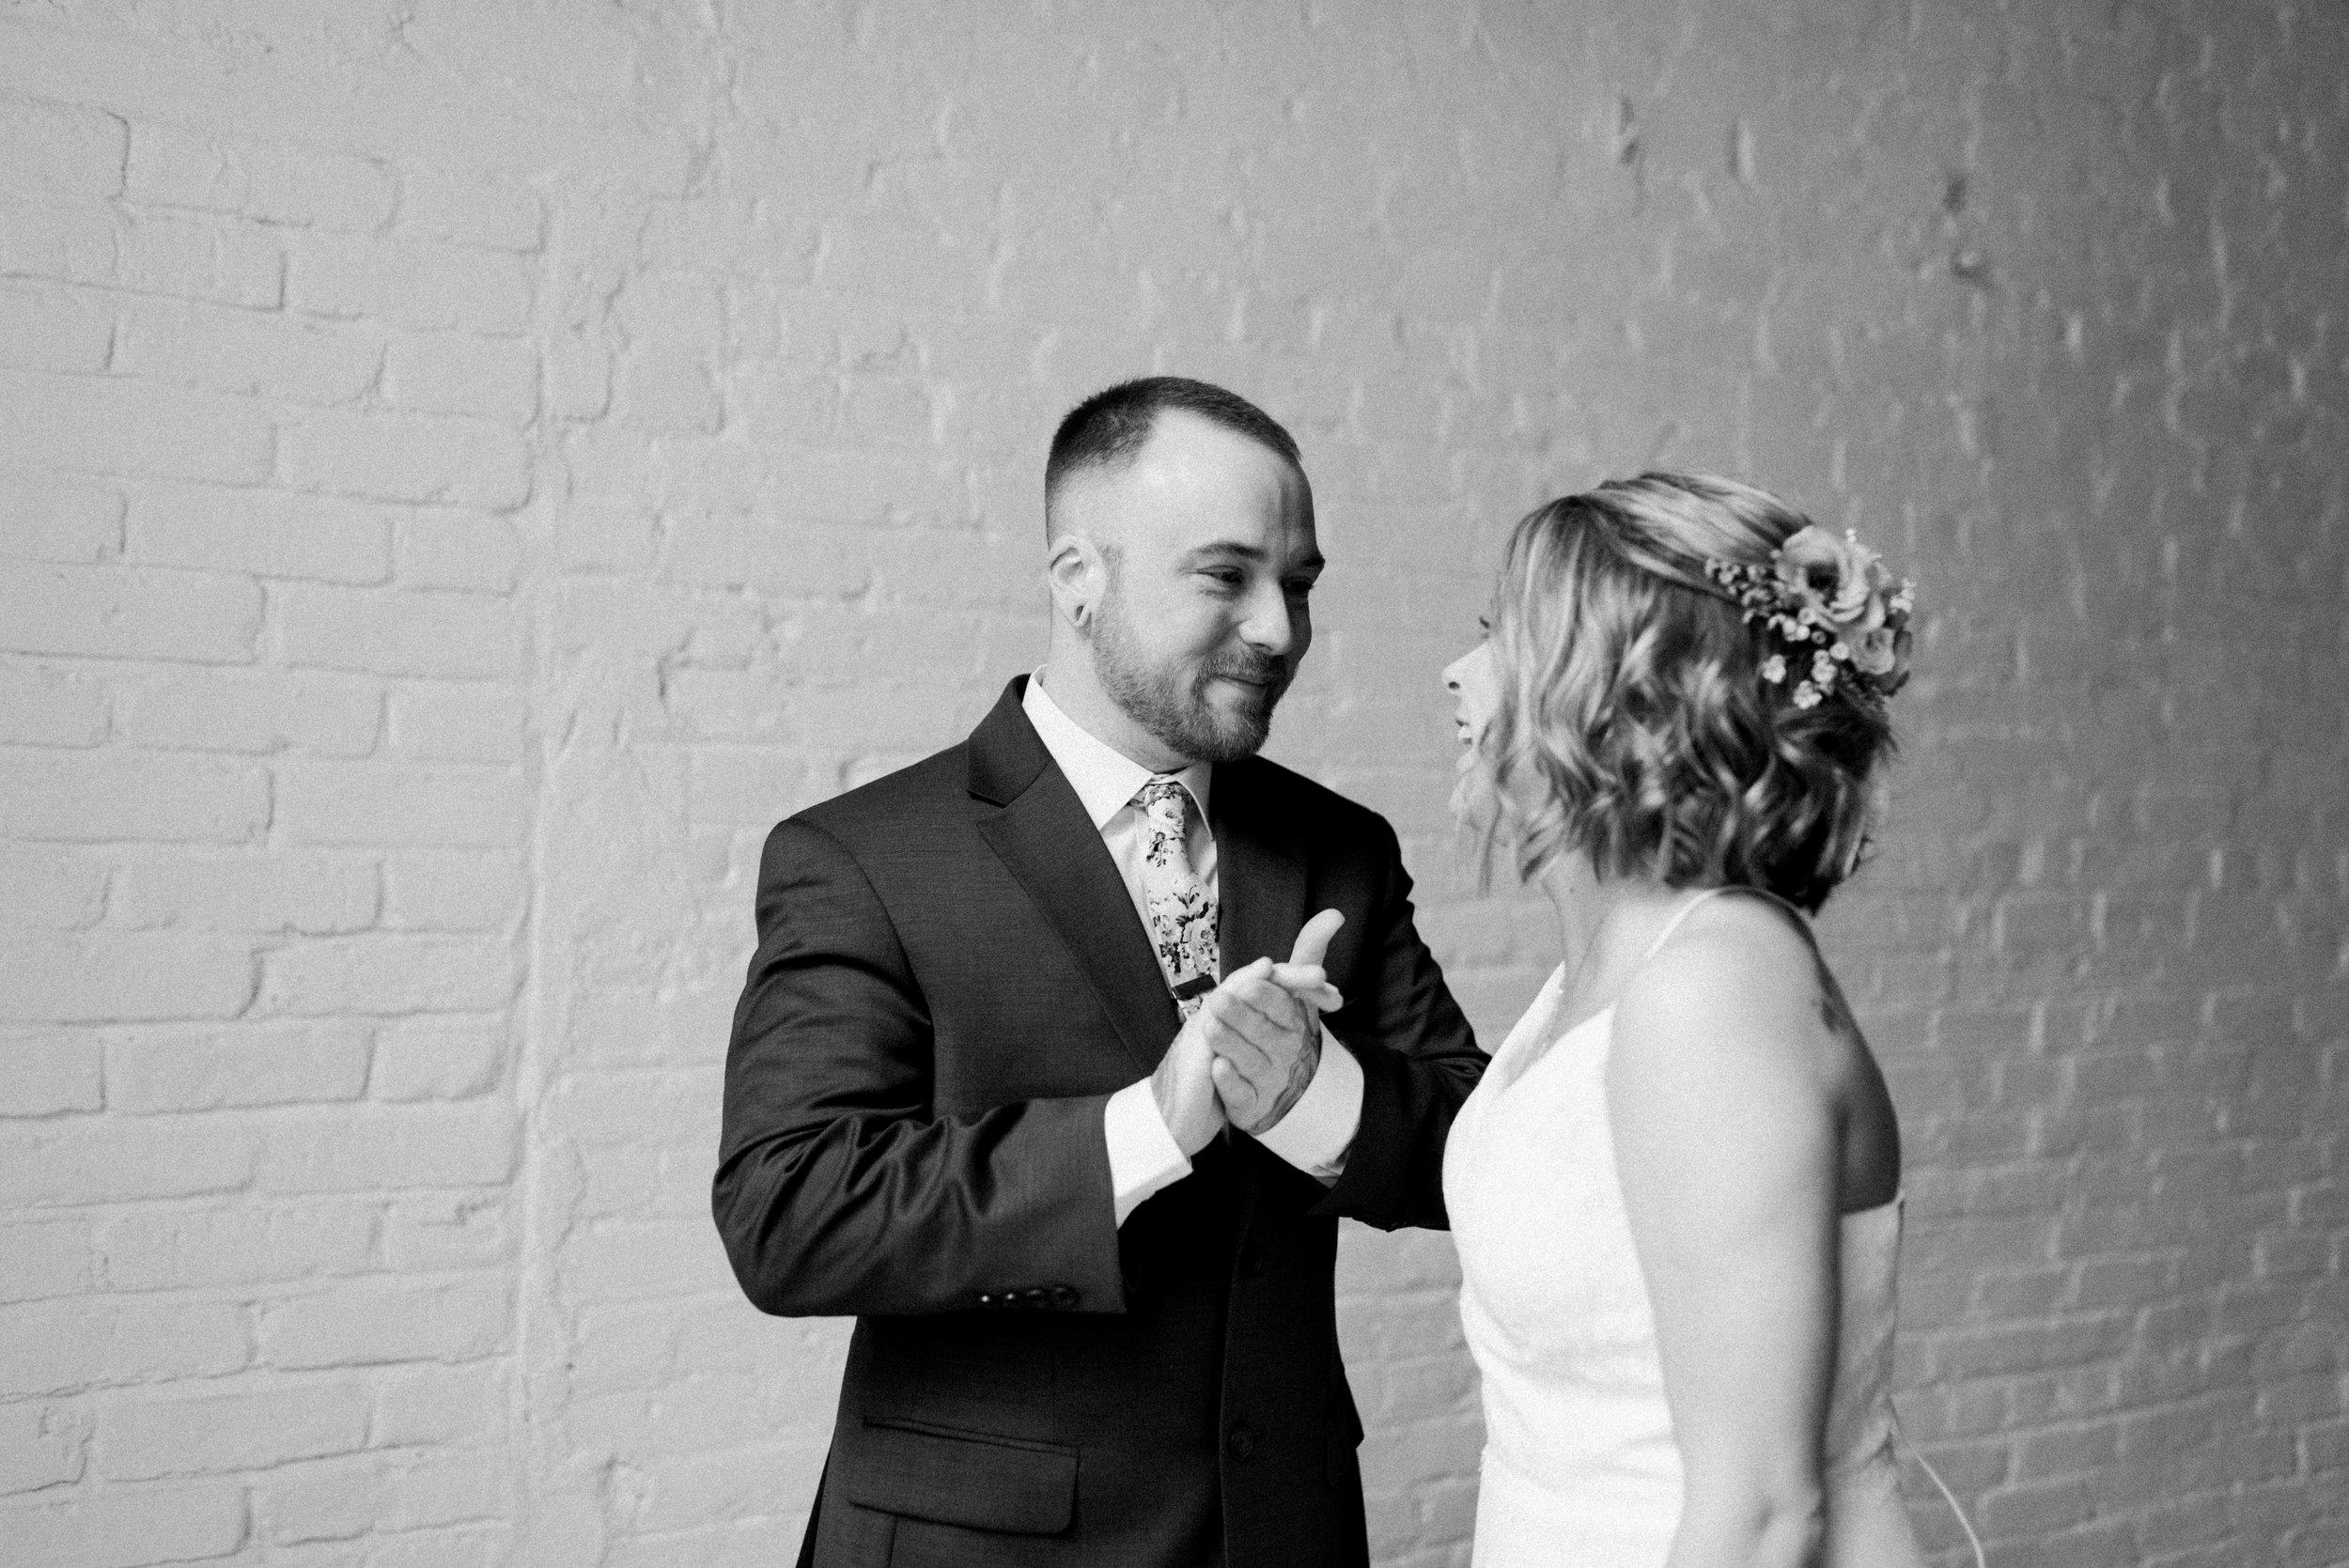 Intimate Something Old Dayton Wedding | Dayton Wedding Photographer